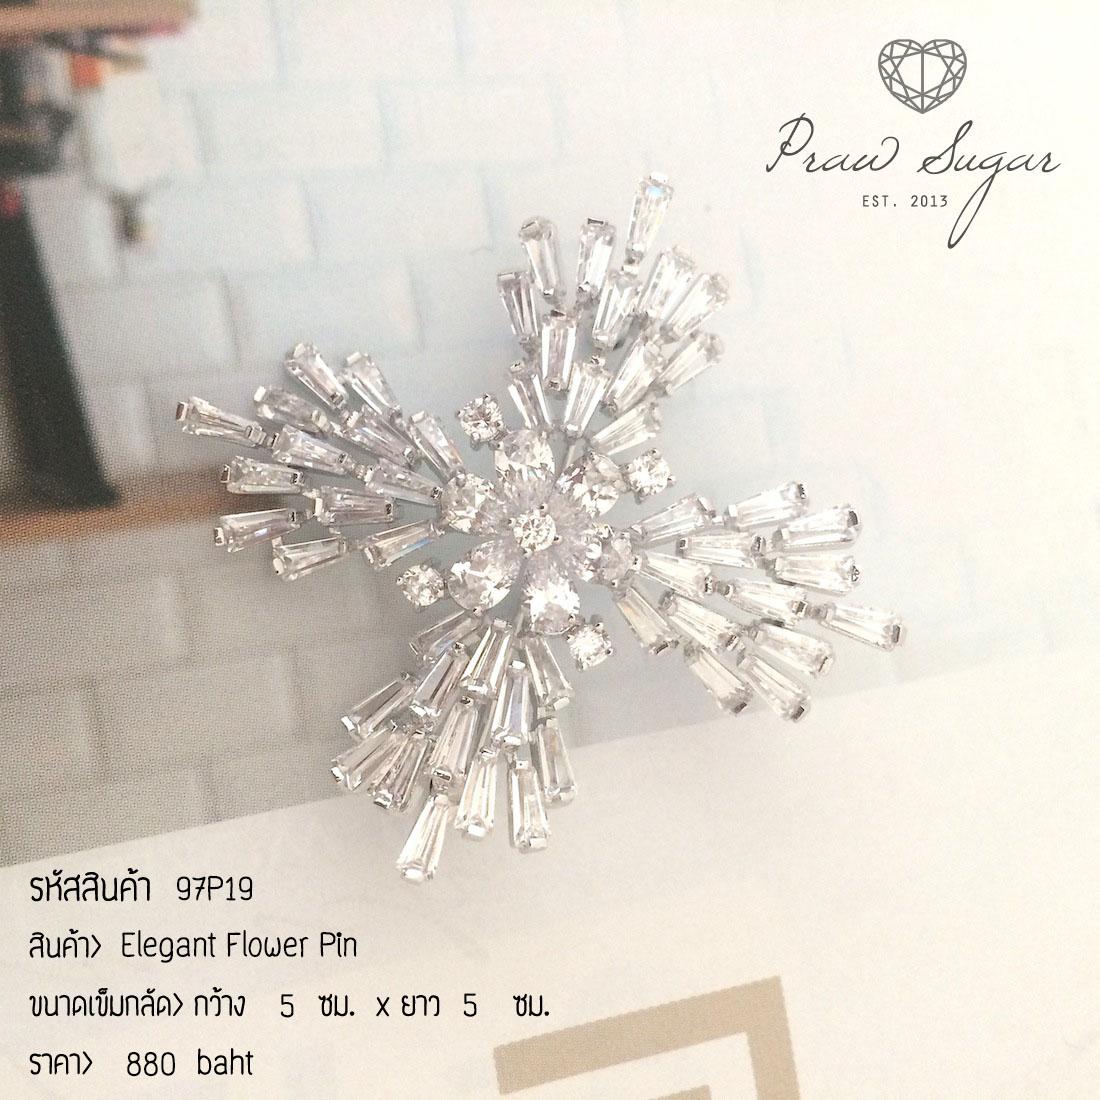 Elegant Flower Pin